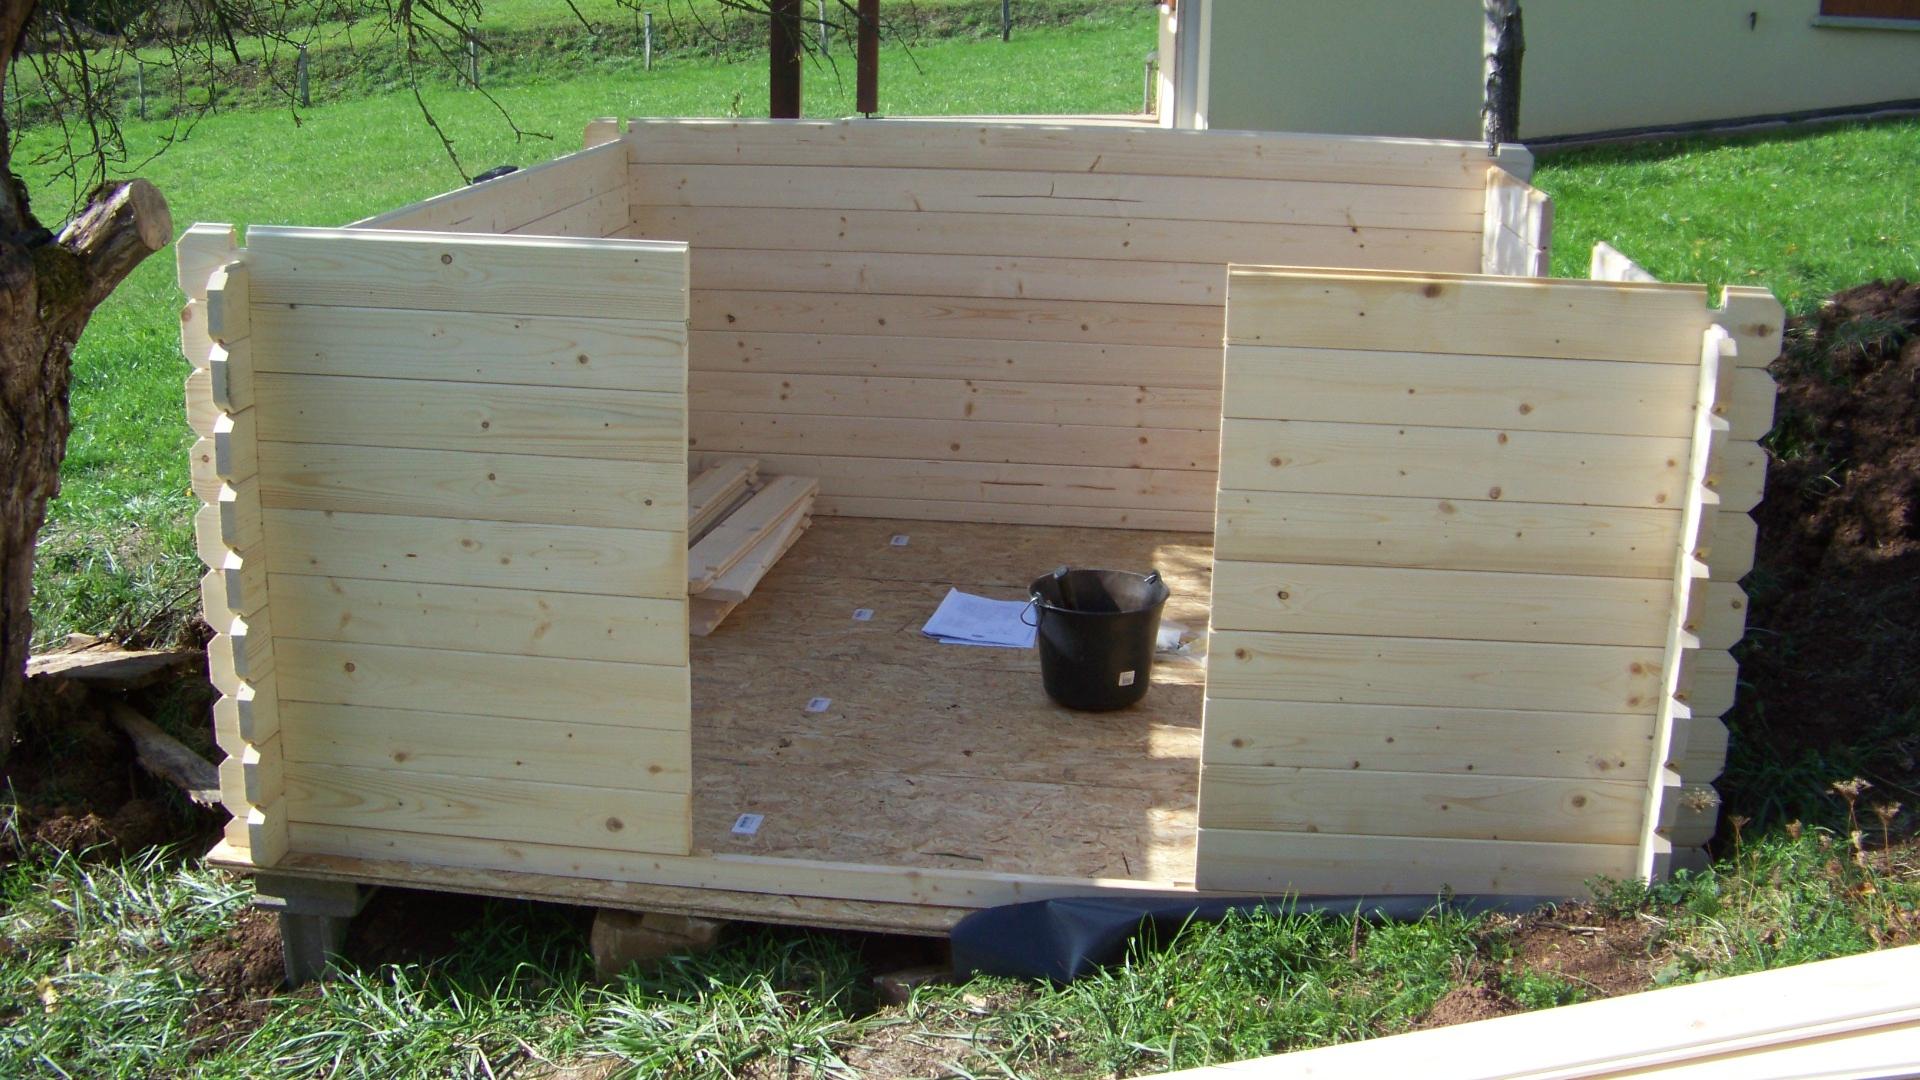 montage abri de jardin montage toit abri de jardin en bois of montage abri de jardin